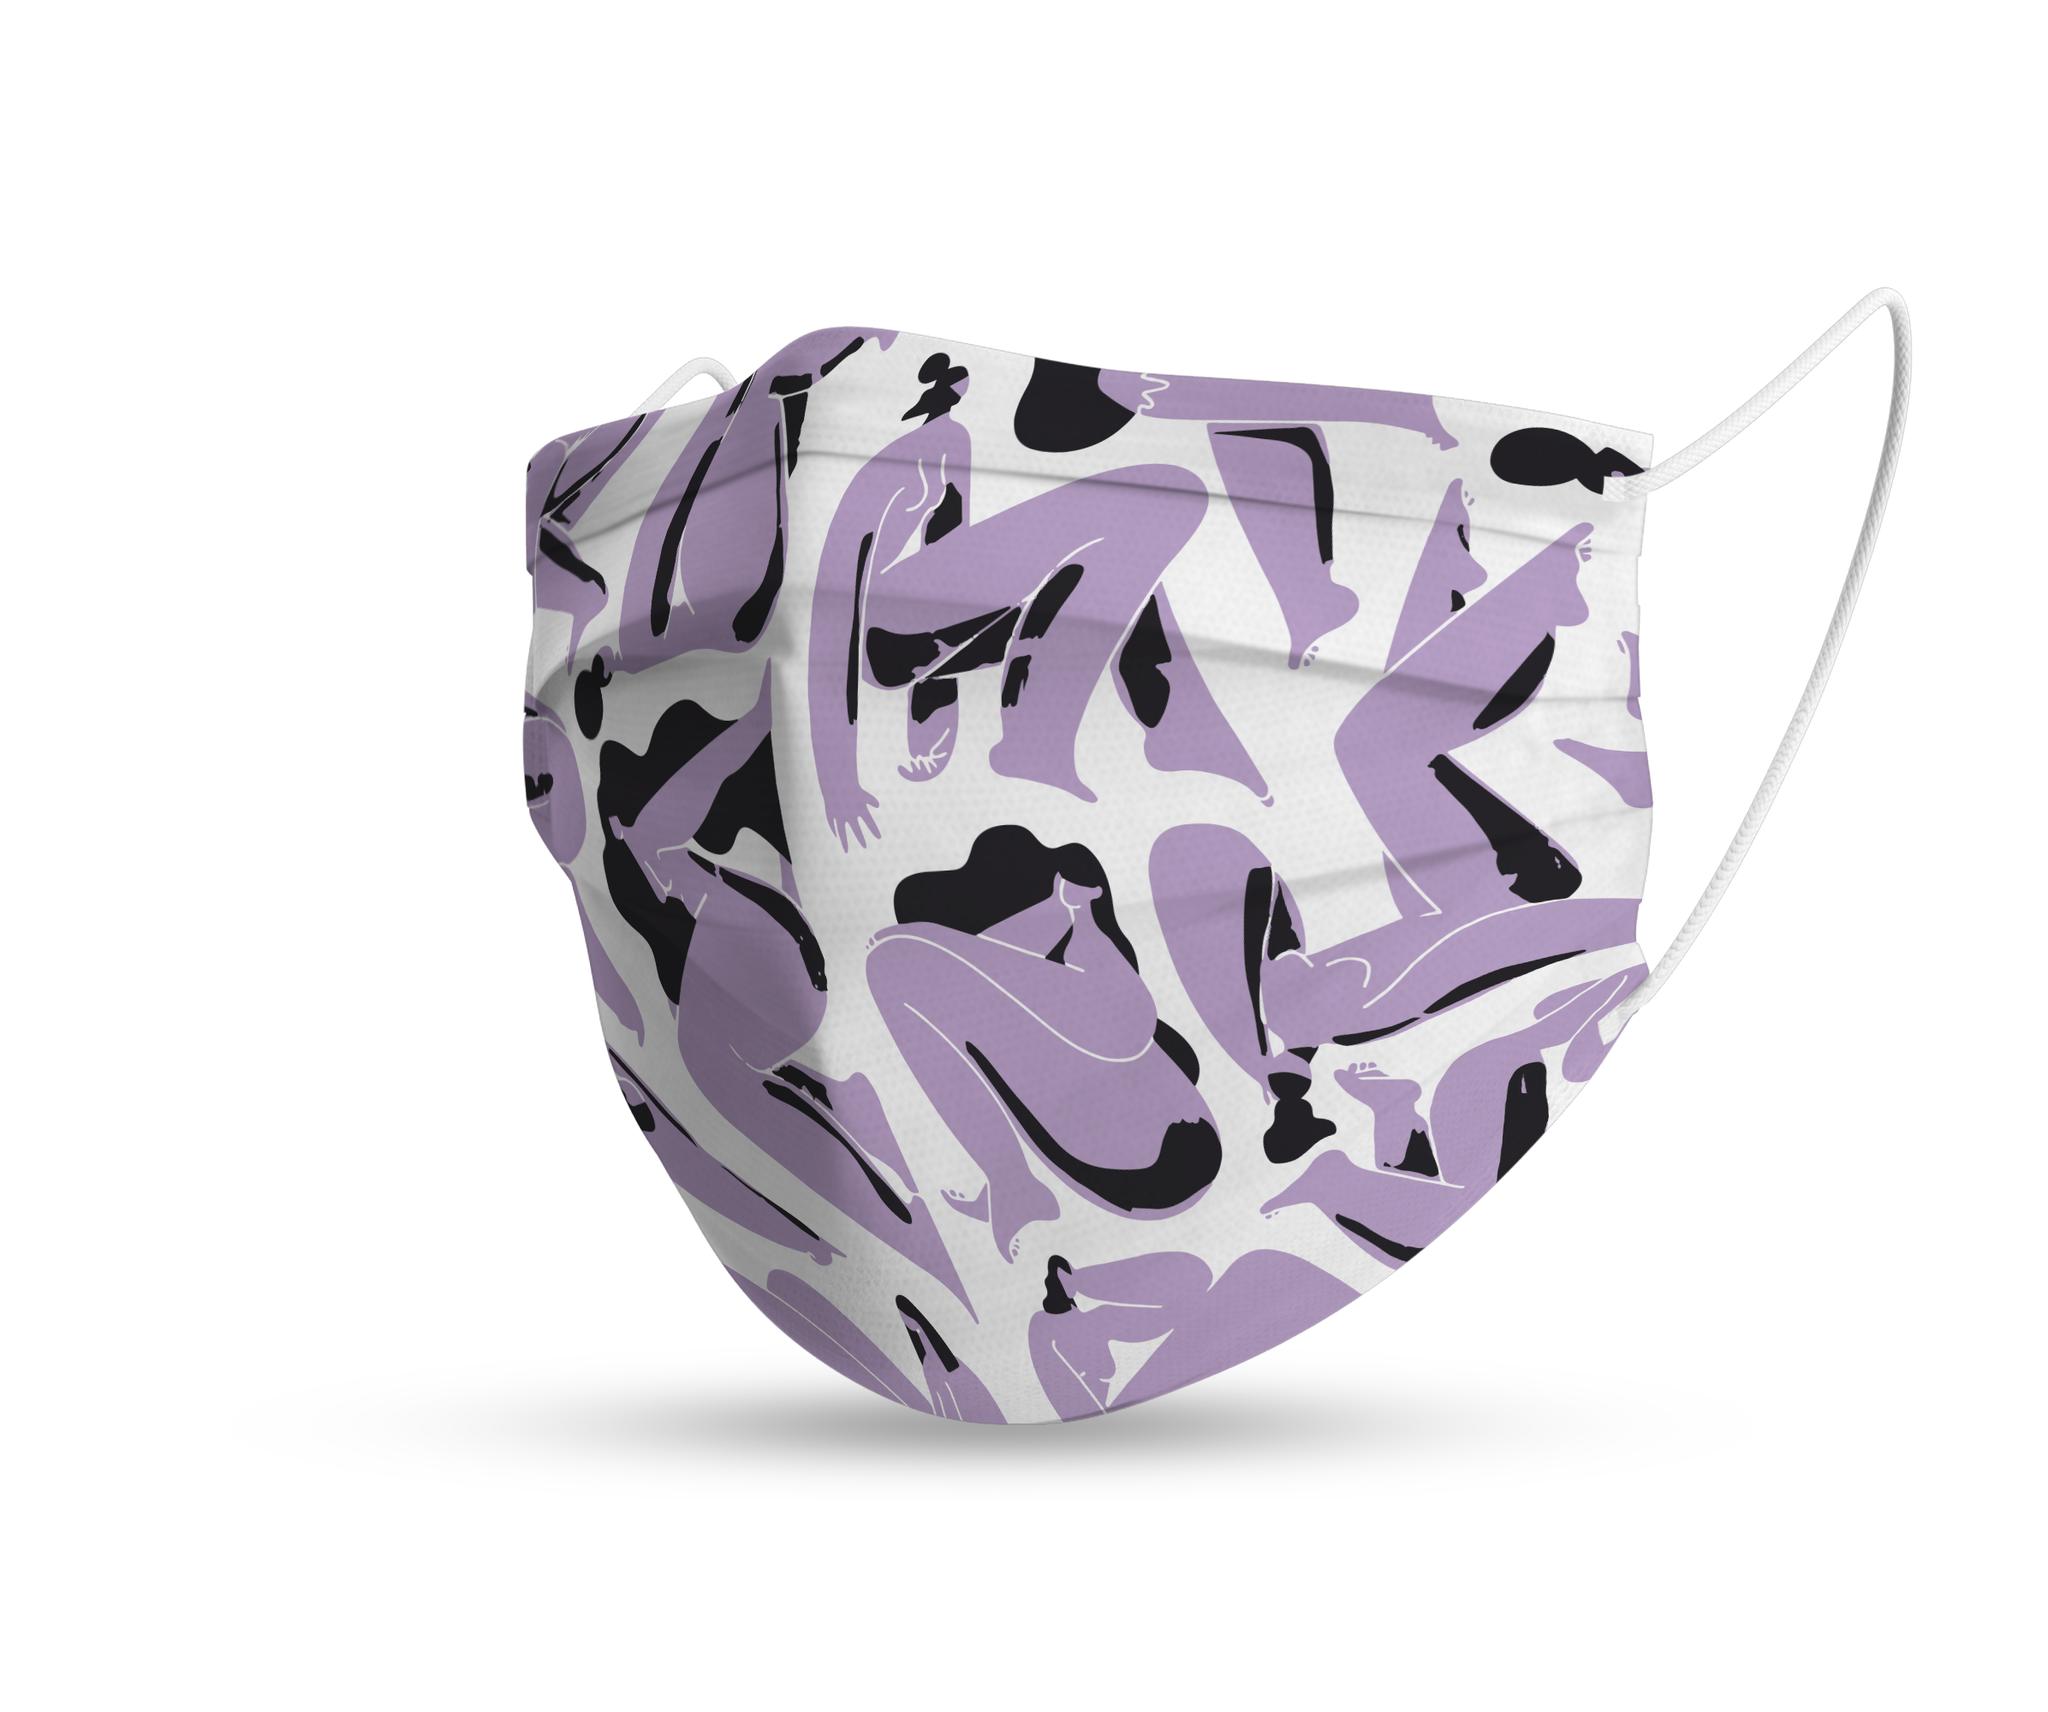 Topfanz G-Concept mondmasker